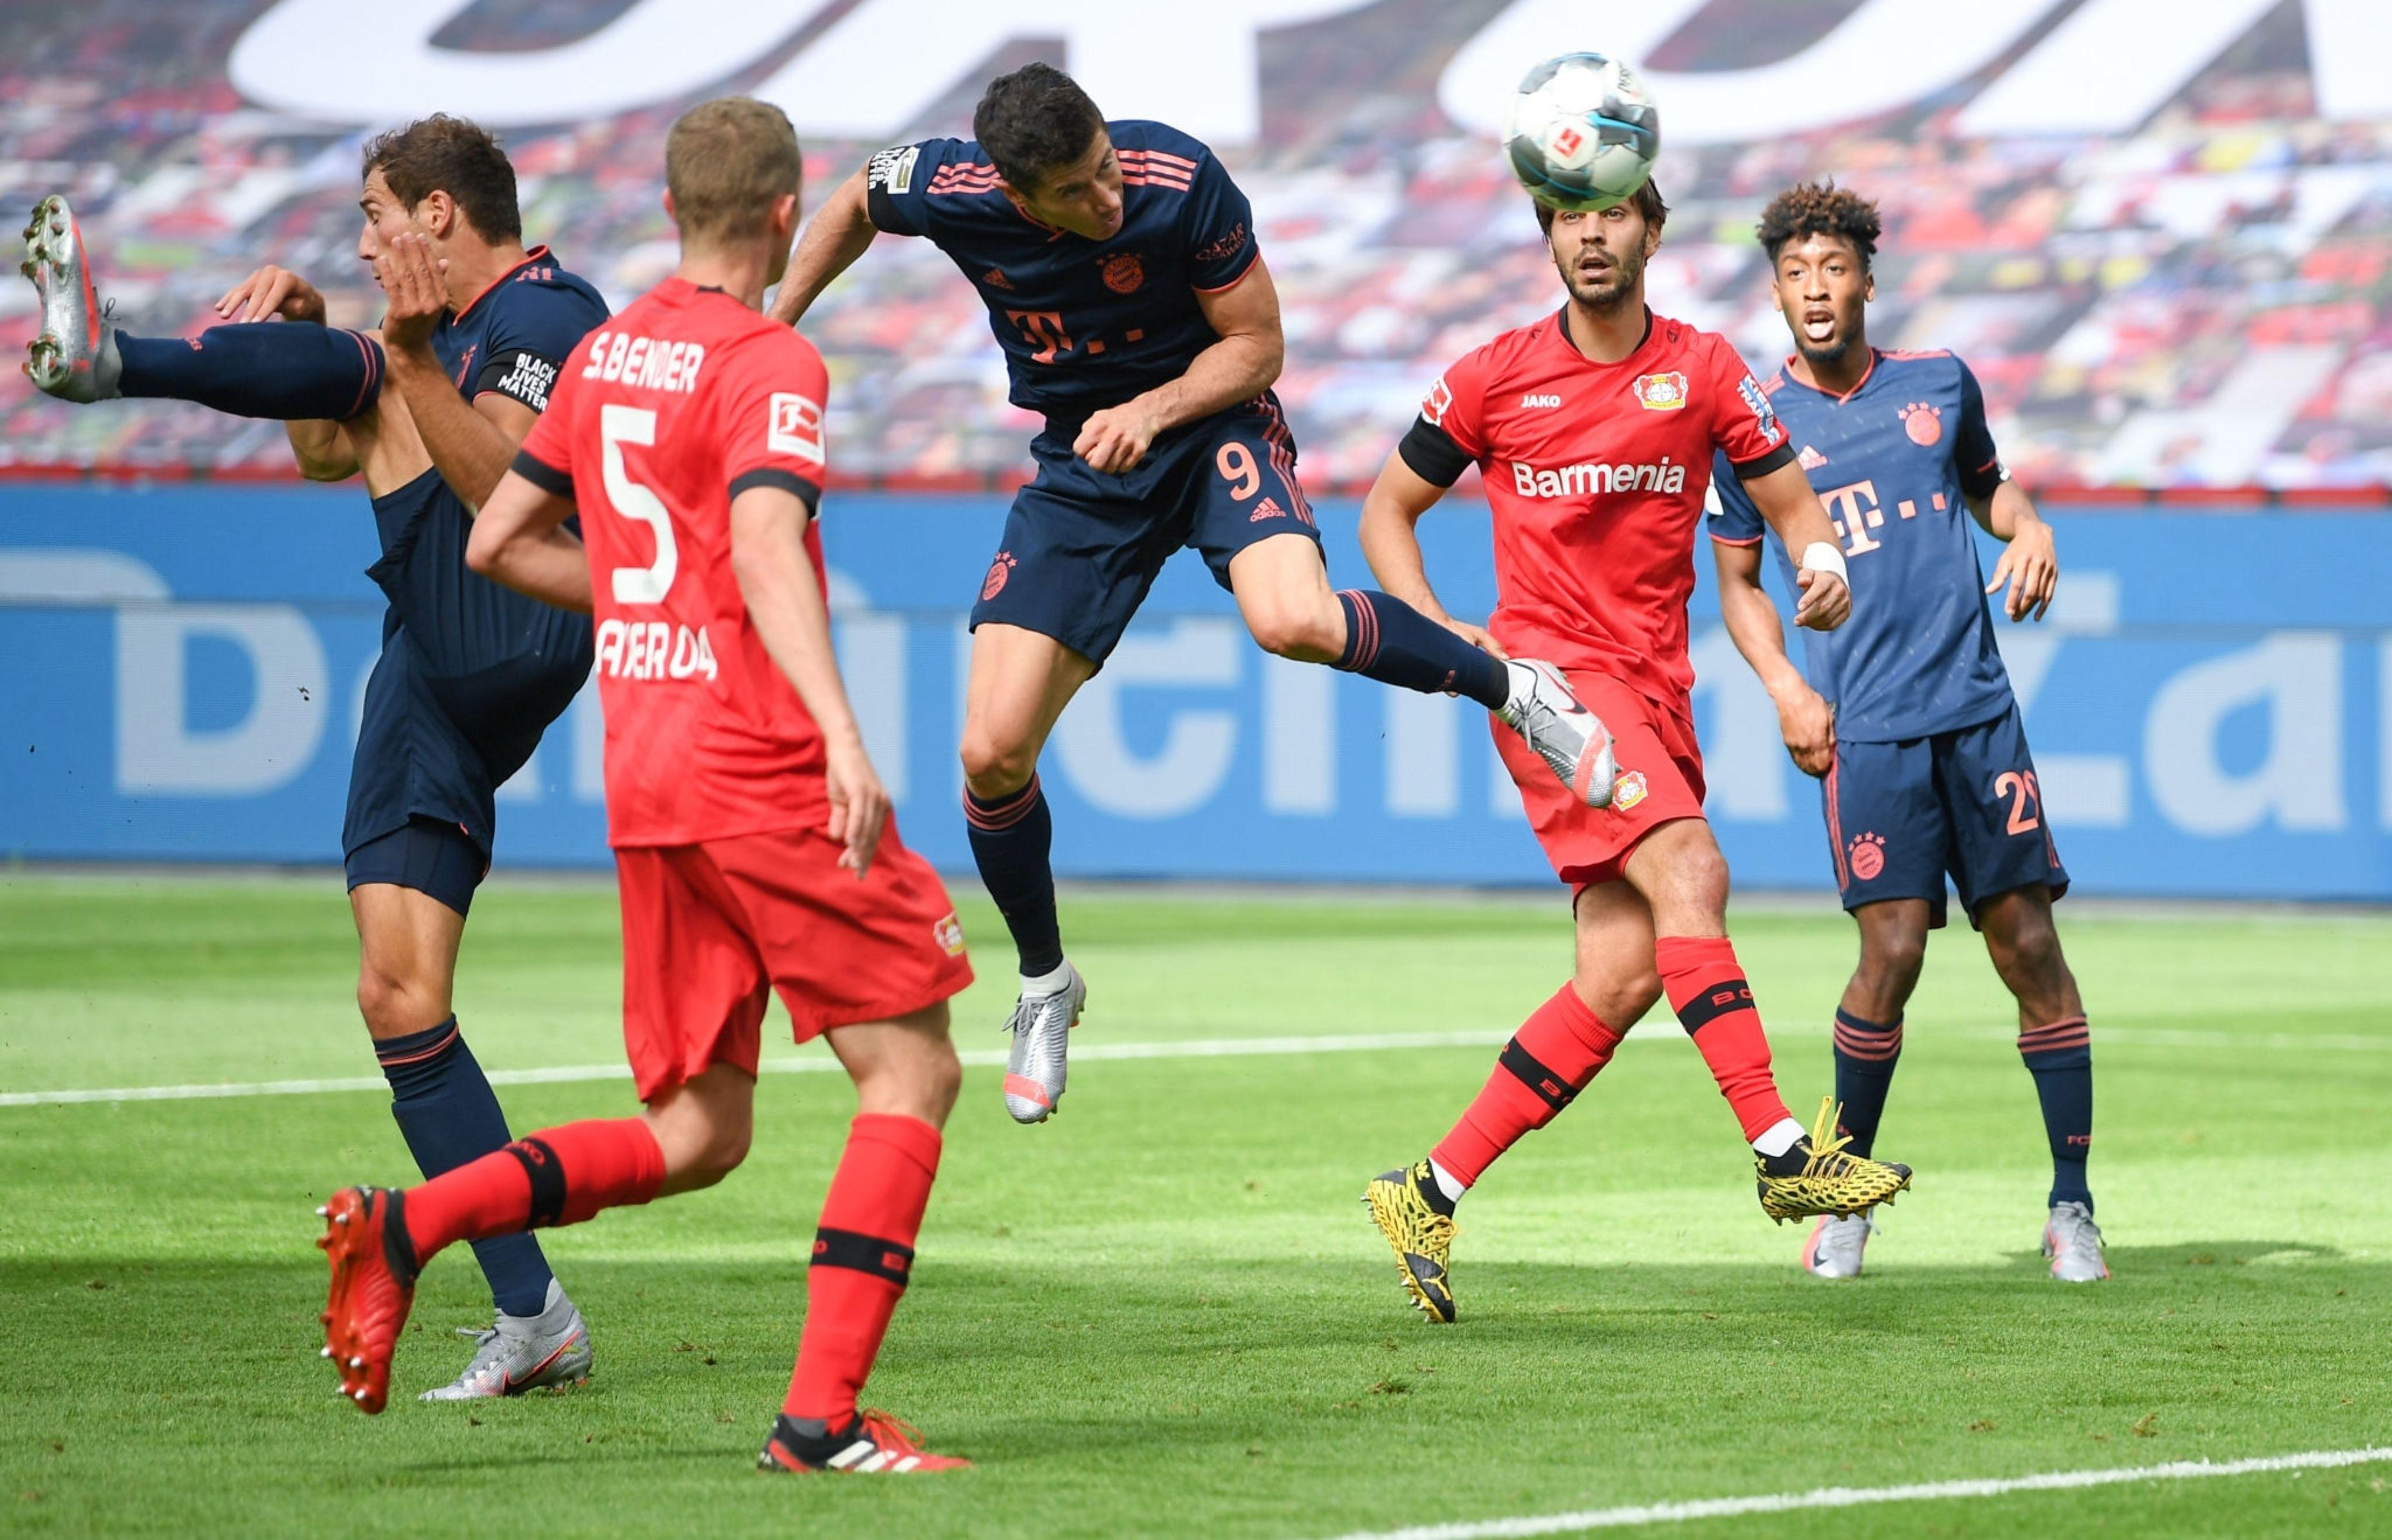 Левандовски побил личный рекорд по голам за клубный сезон - изображение 1